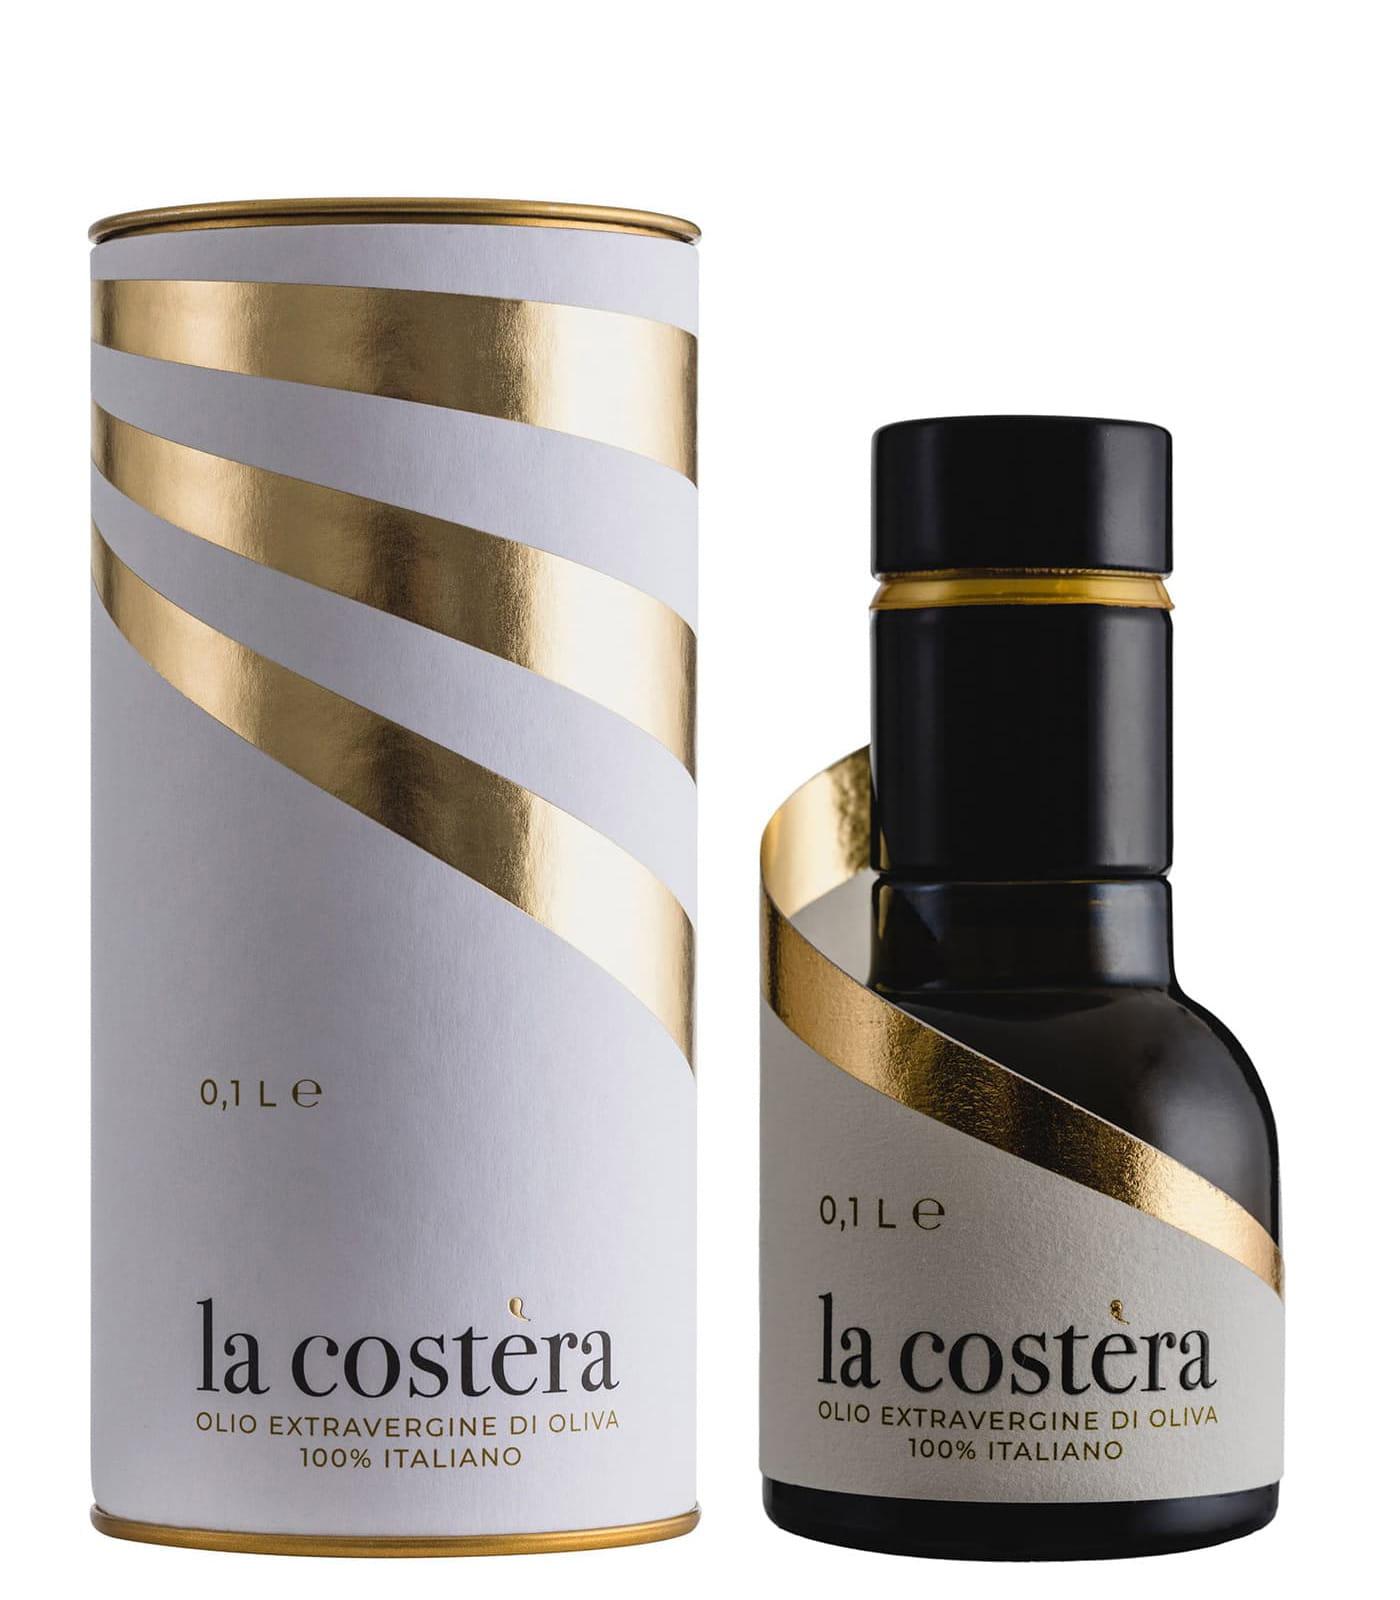 La Costèra Olio Extravergine d'Oliva di Malcesine 0,1 L